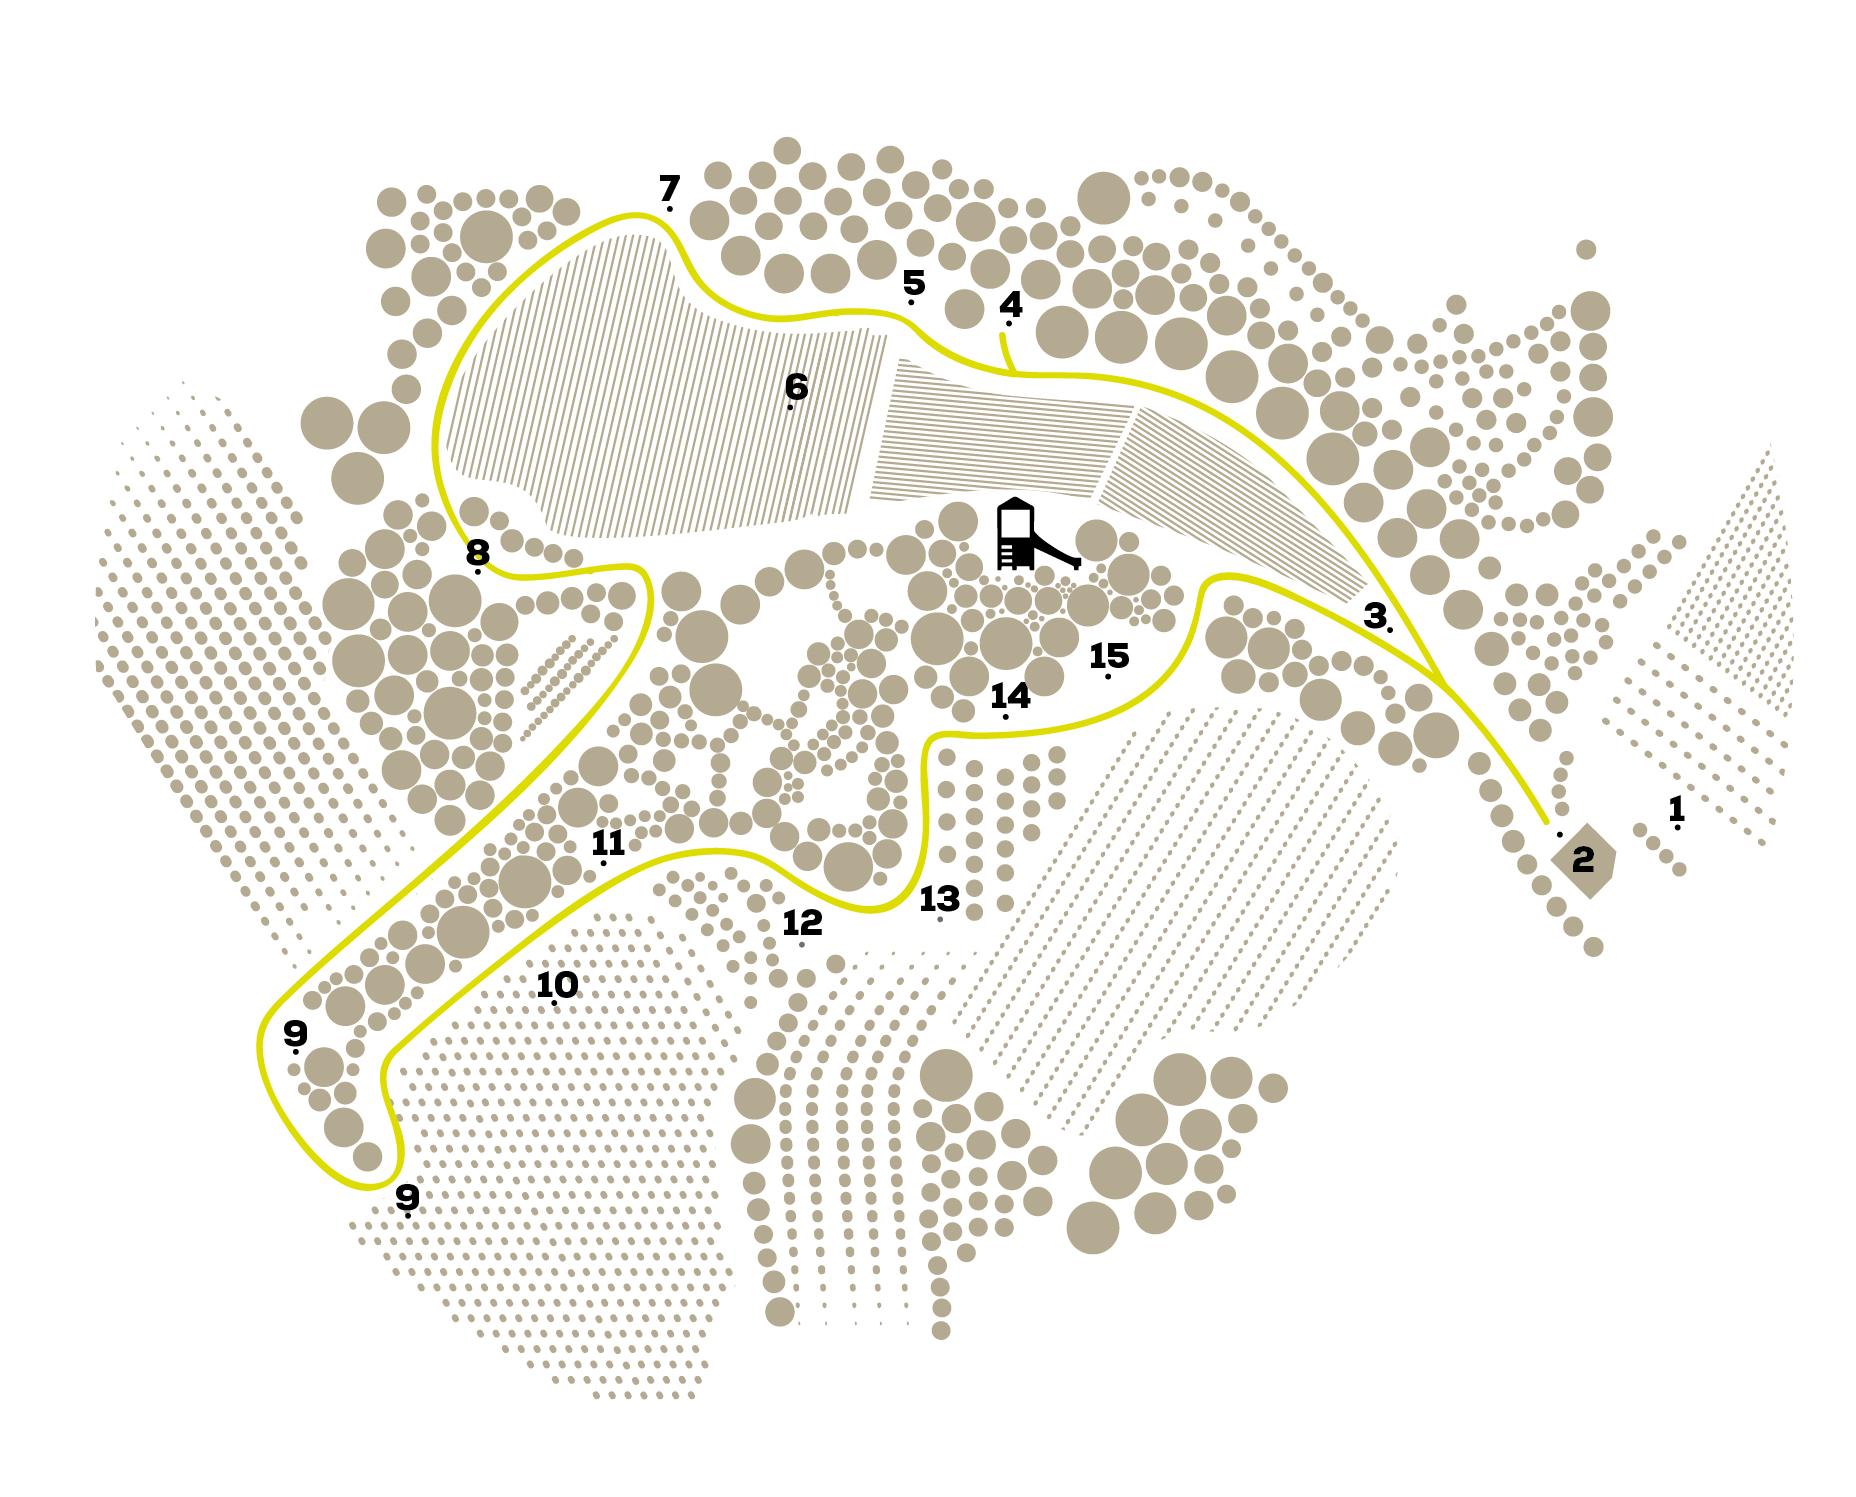 Mapa vinya dels artistes